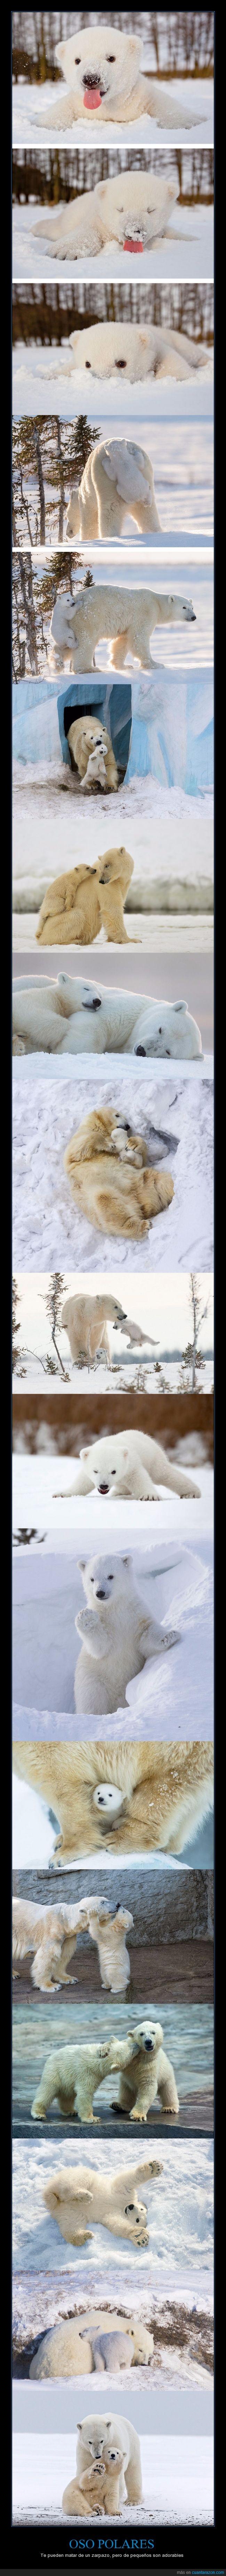 cachorro,hijo,madre,osezno,oso,polar